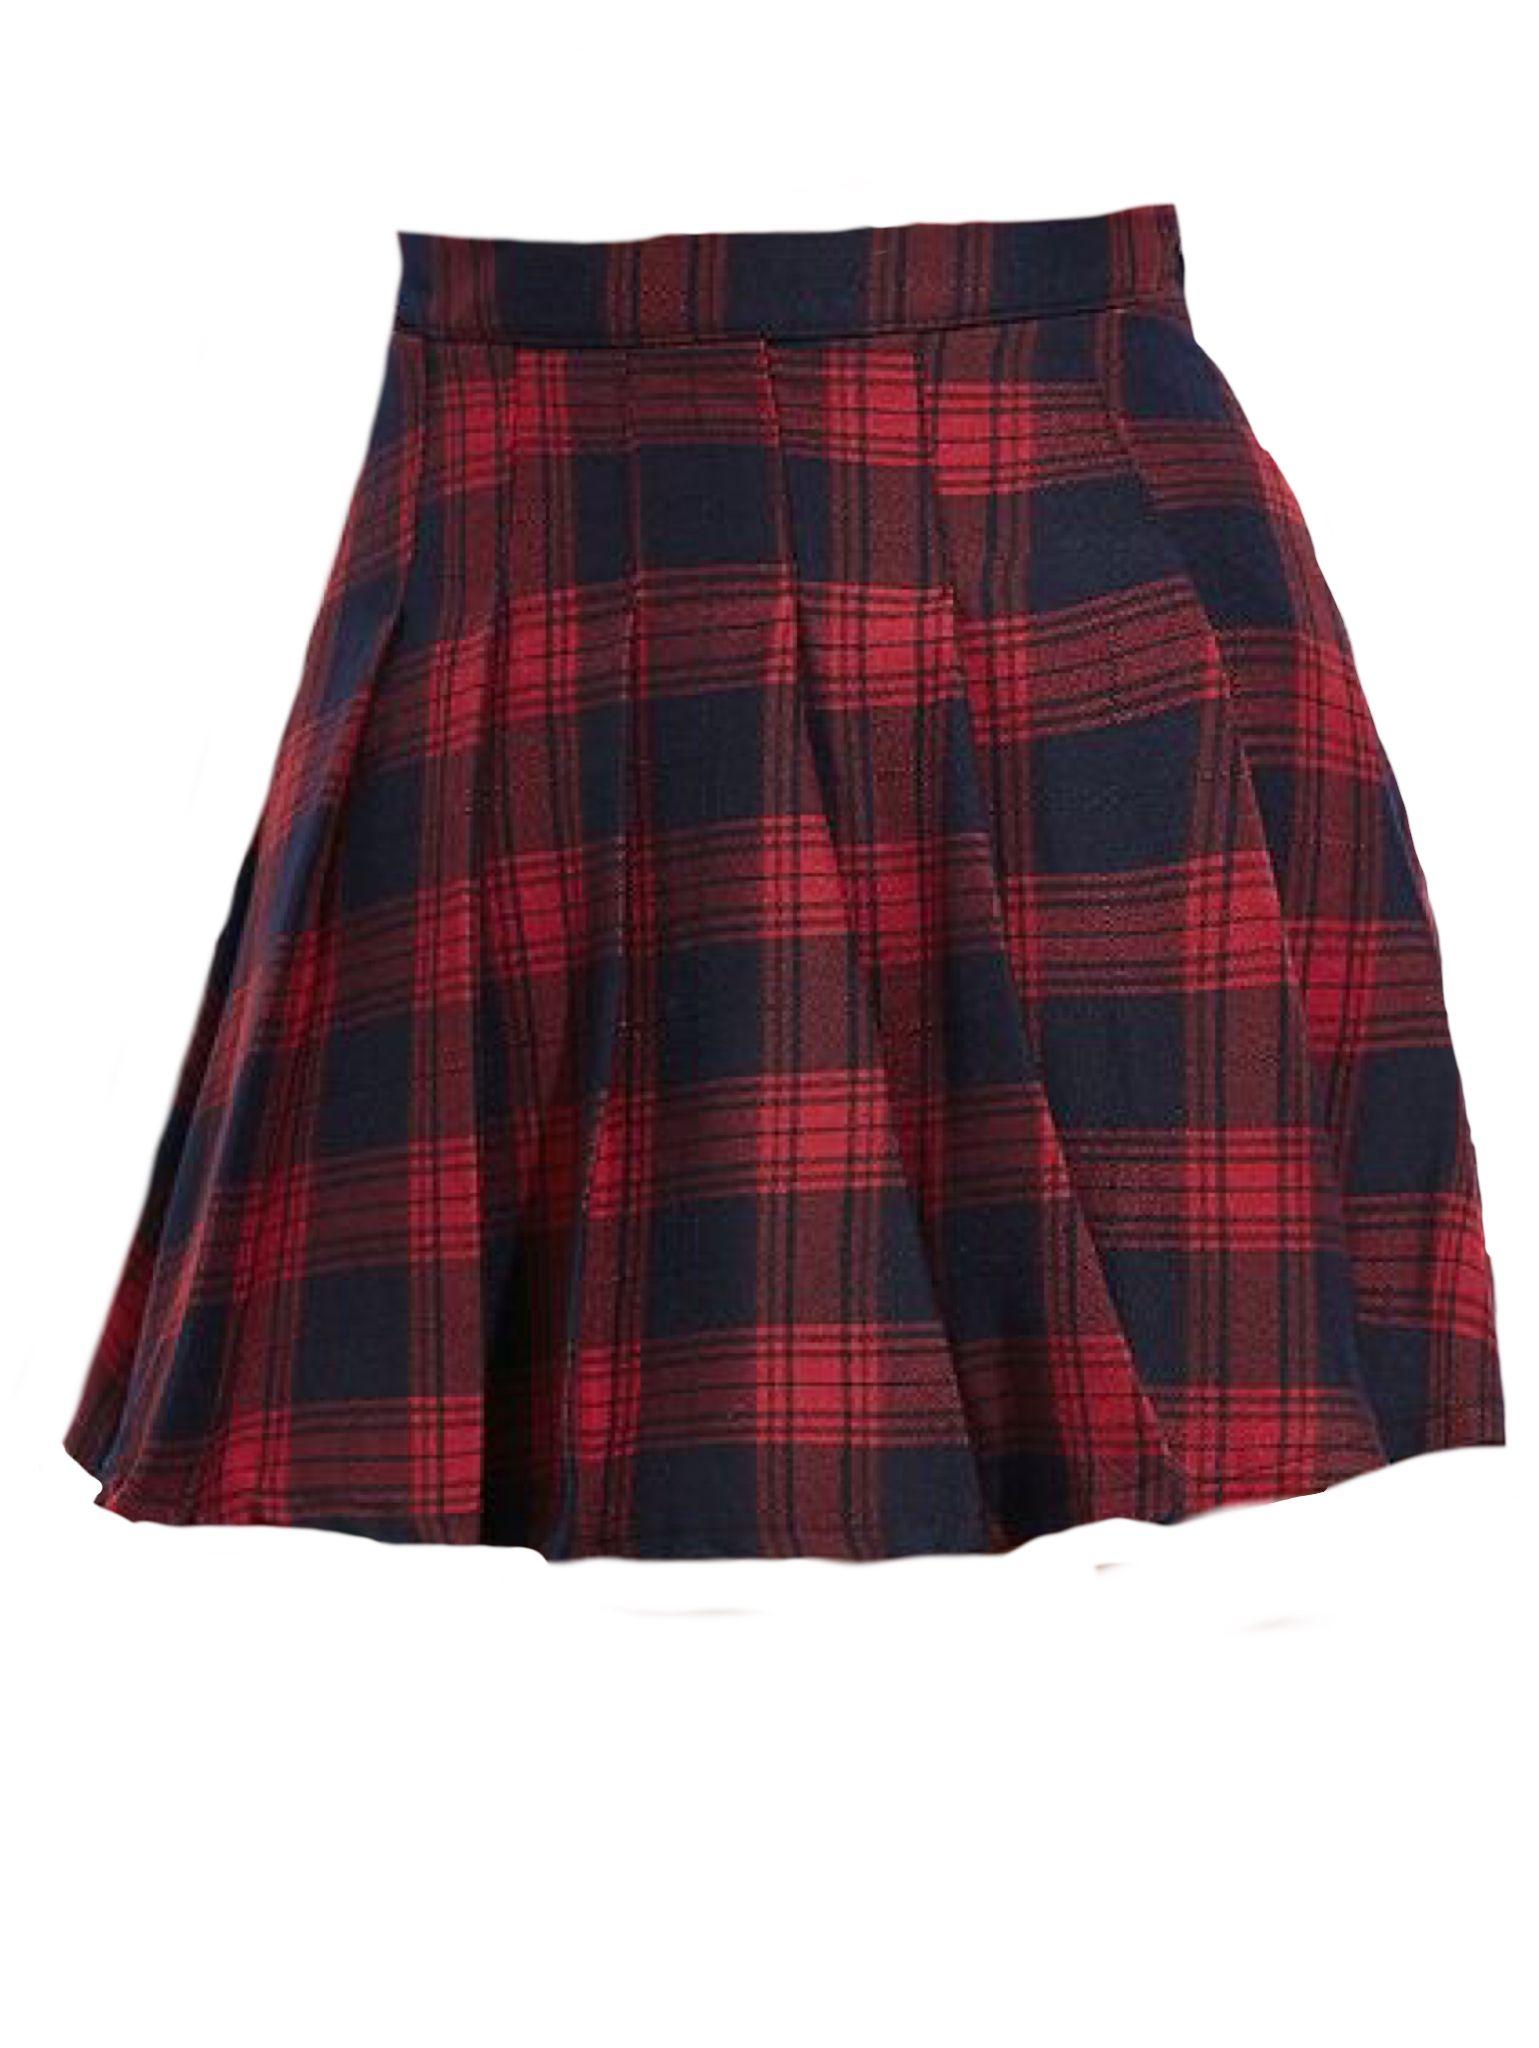 16903fafb Red skirt polyvore moodboard filler | moodboard, png, filler ...